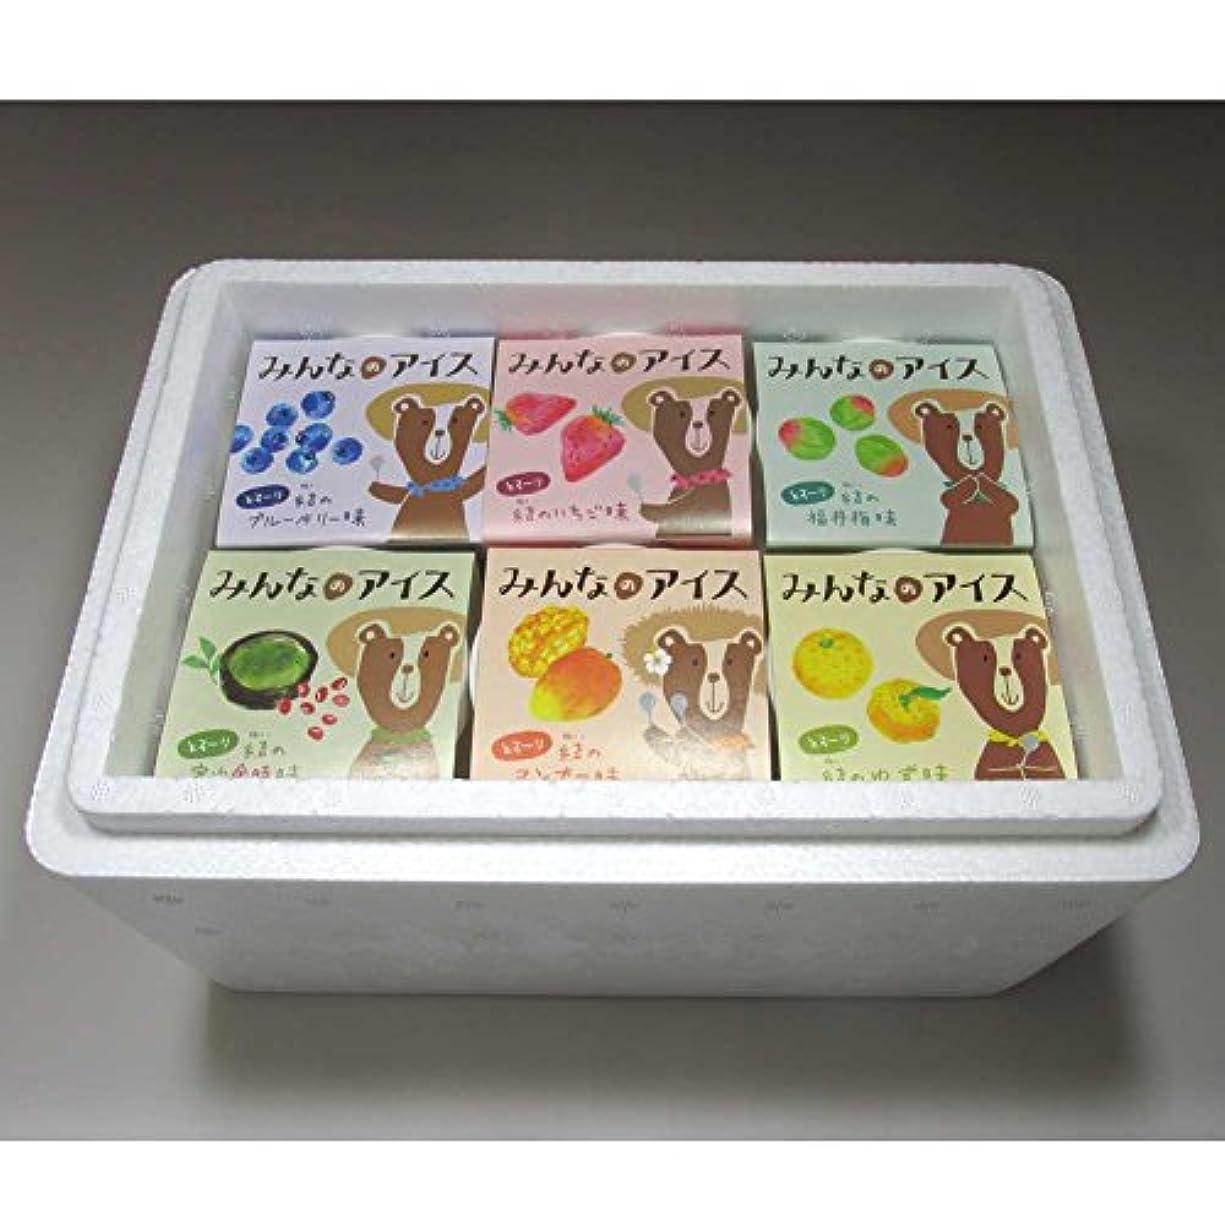 ほめる社説衝動SFV生産農場 建石農園「アレルギーフリー☆みんなのアイス (6個)」 -クール冷凍-